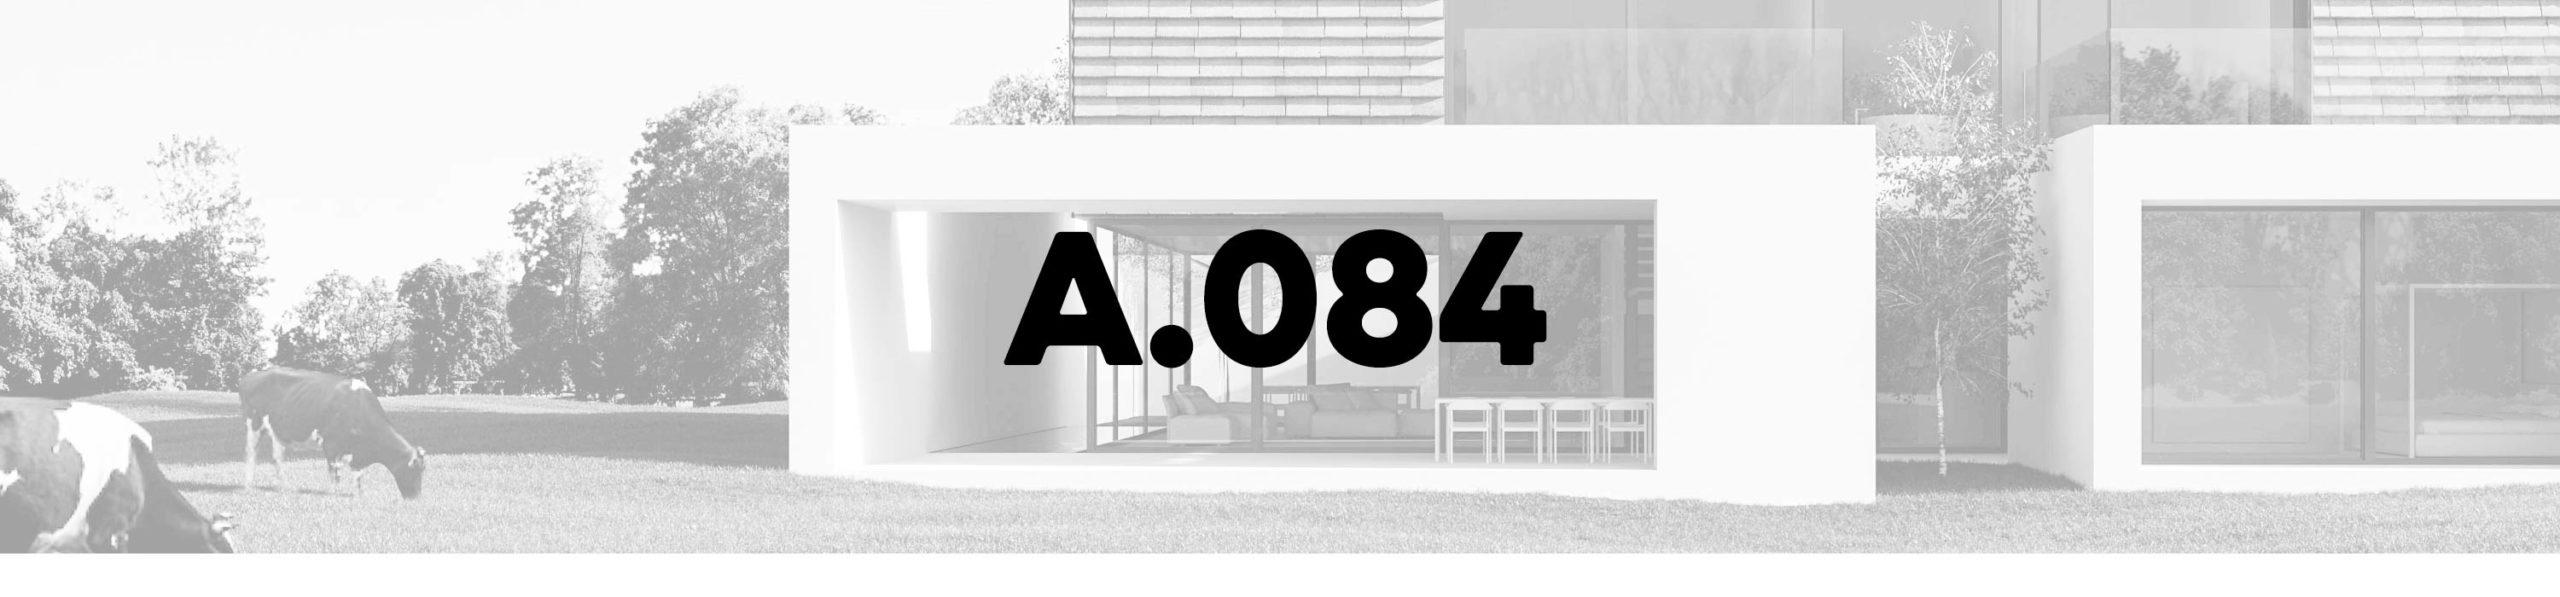 architecture-084-M